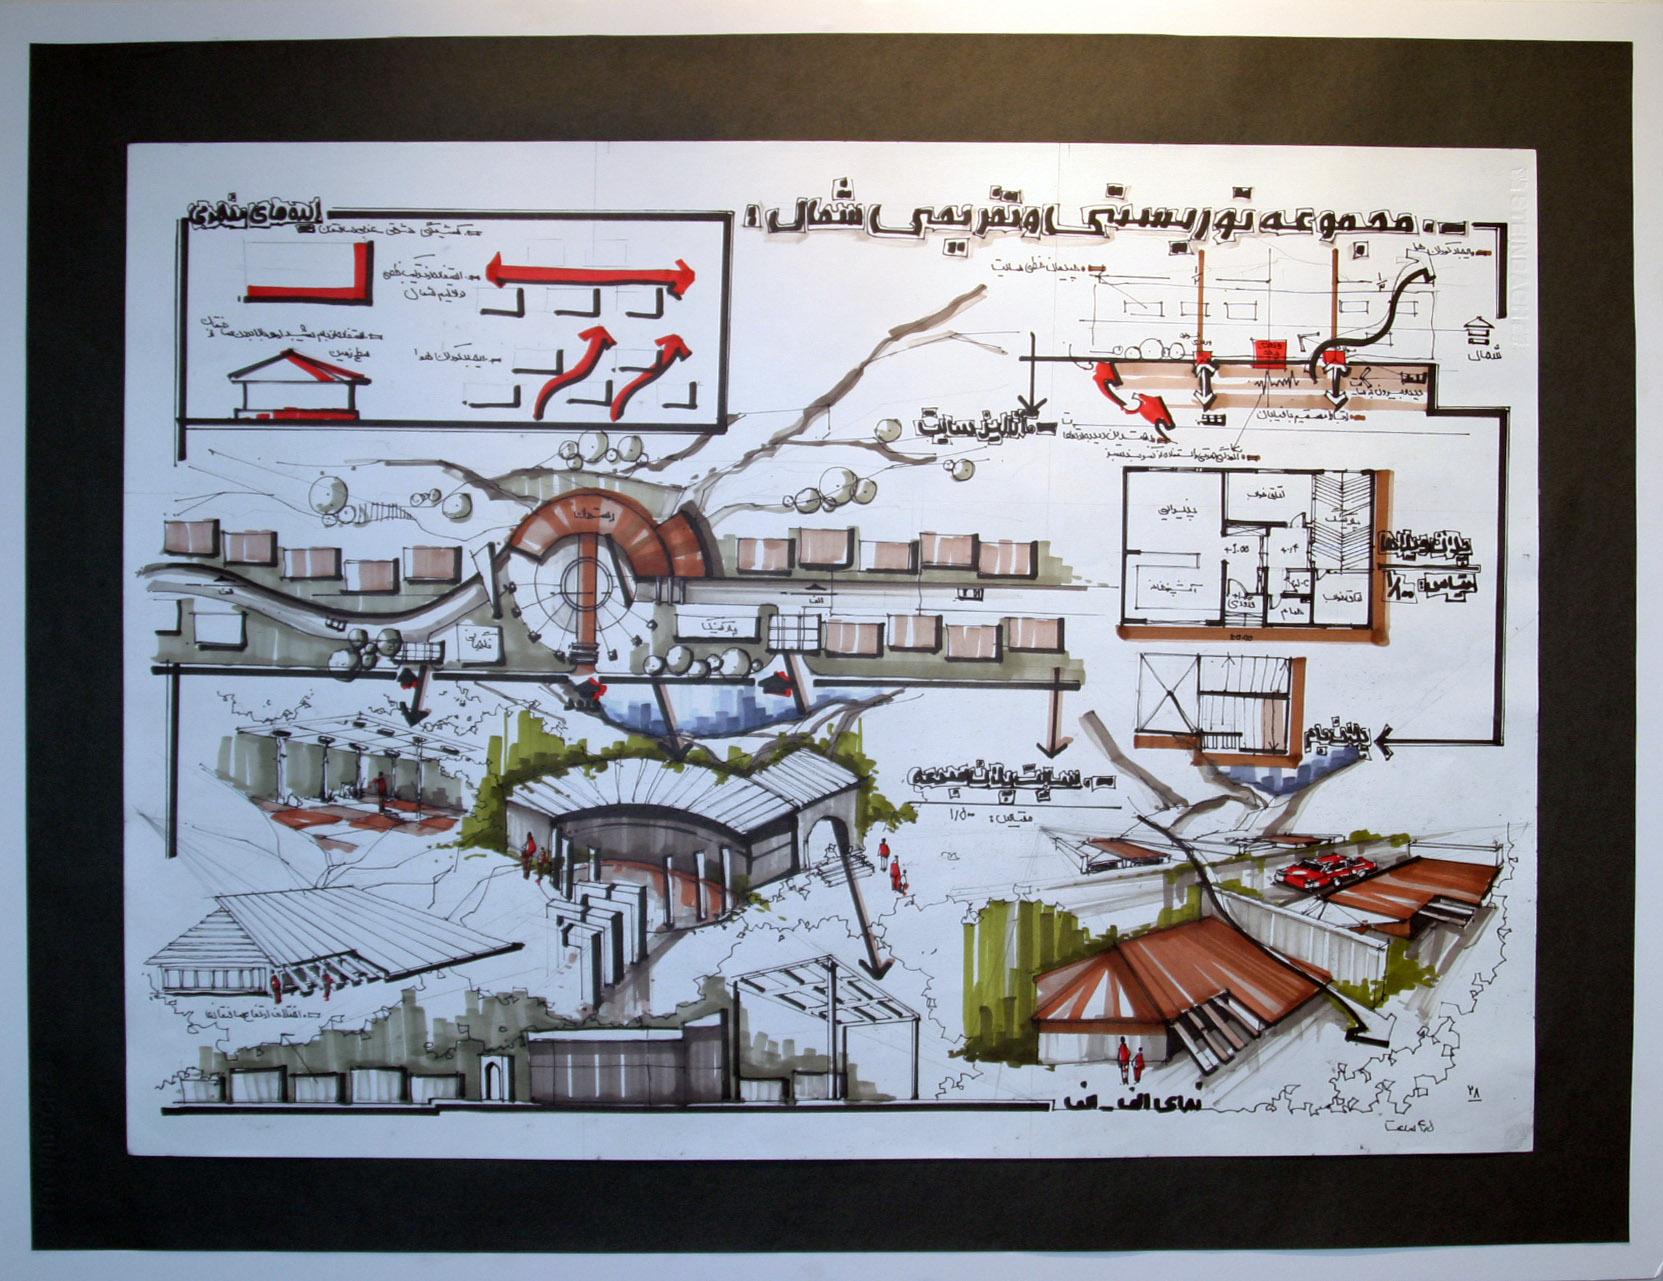 ارائه شیت های معماری (ارائه دستی)